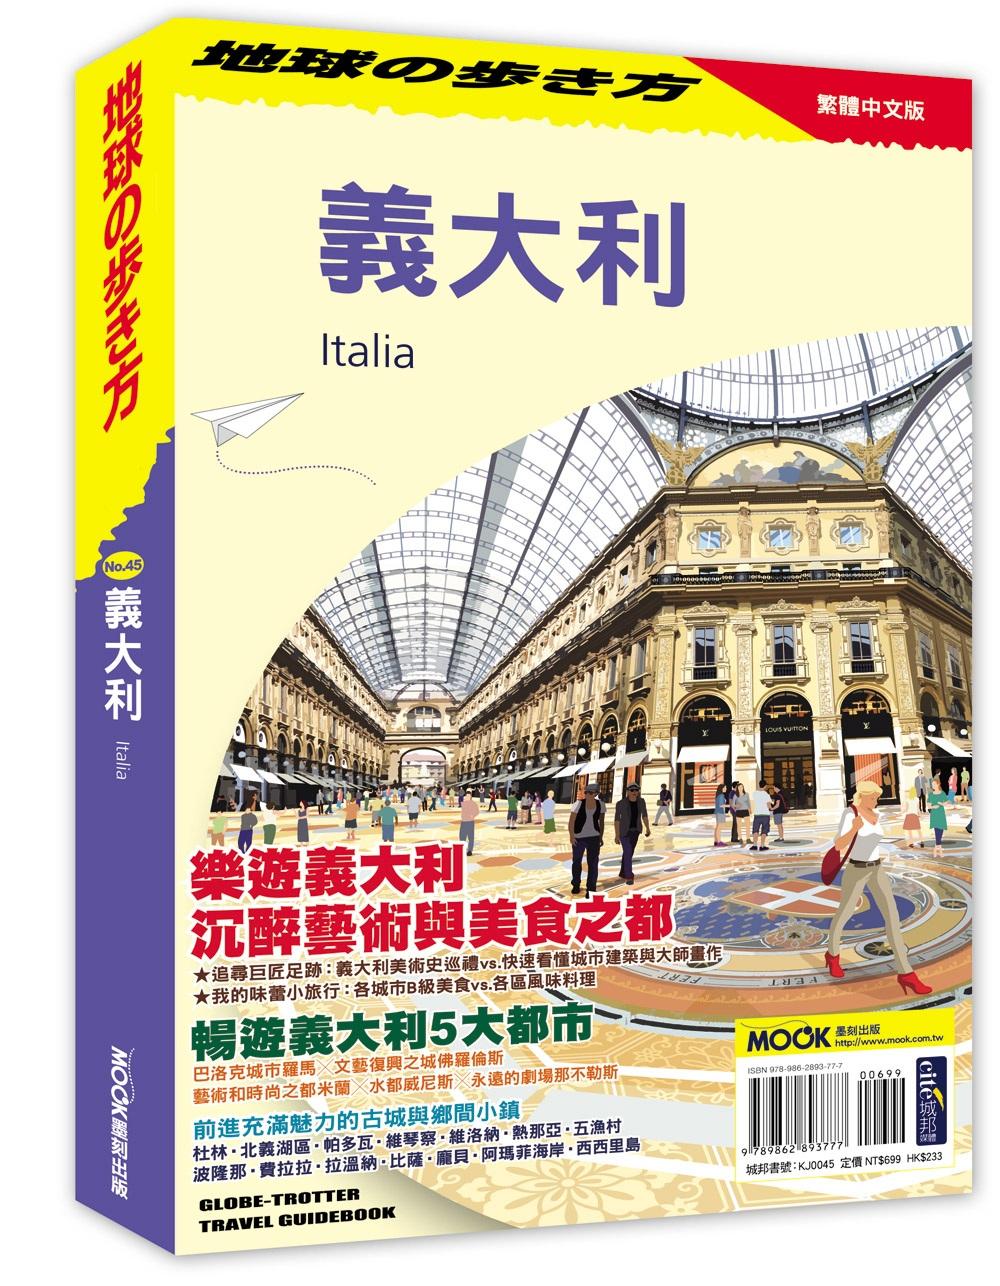 《義大利》 商品條碼,ISBN:9789862893777